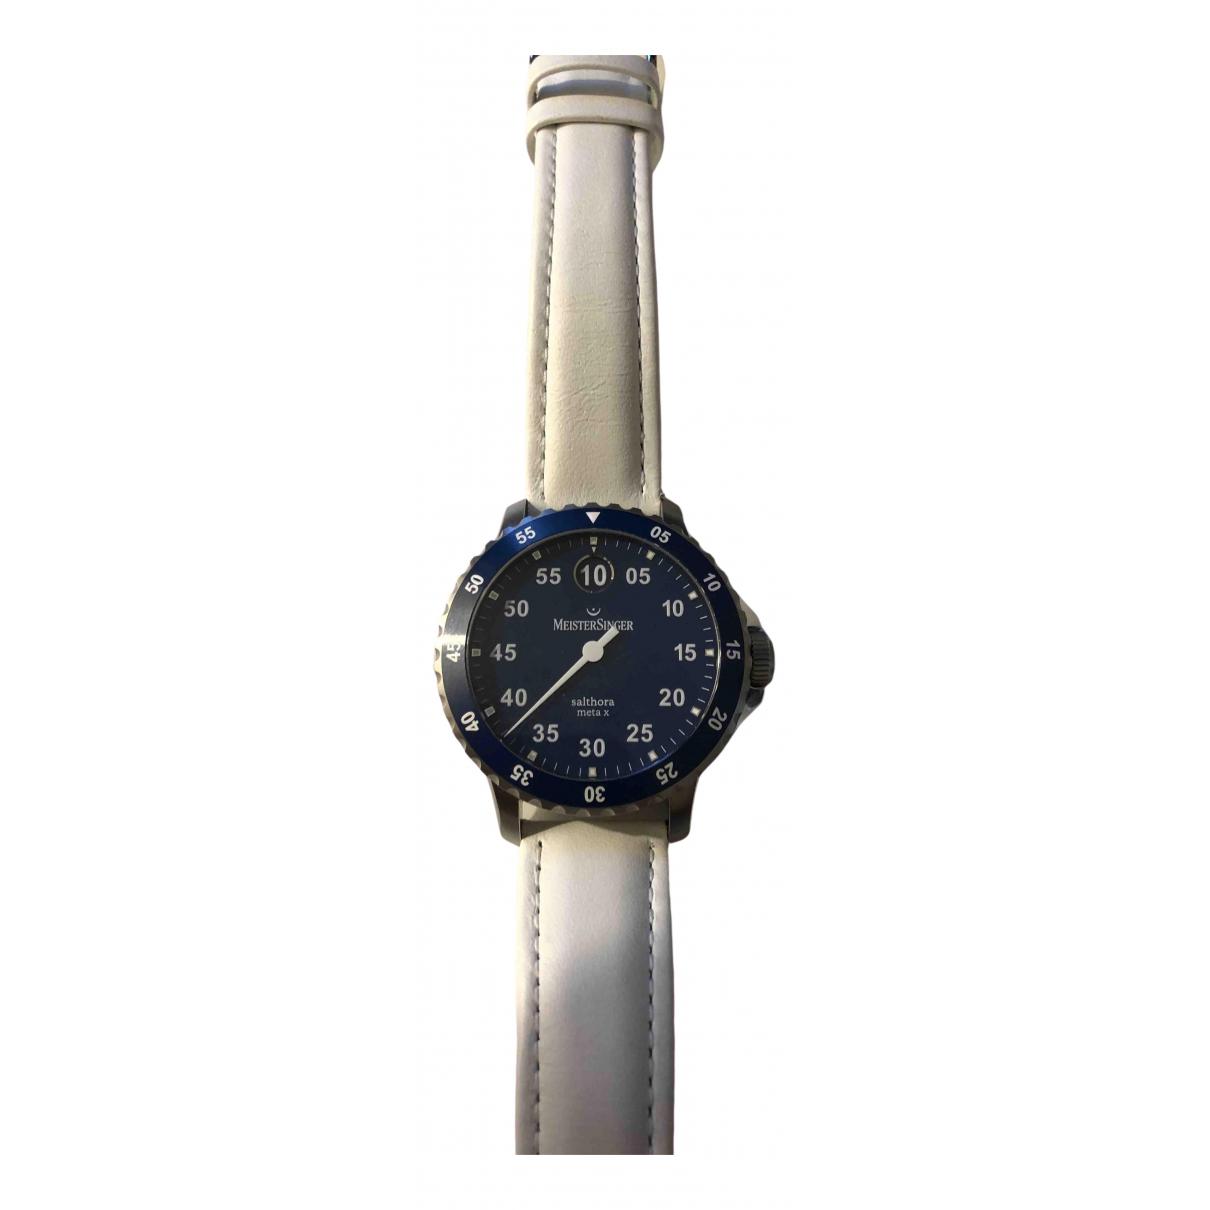 Relojes N°1 Mecanique Meistersinger